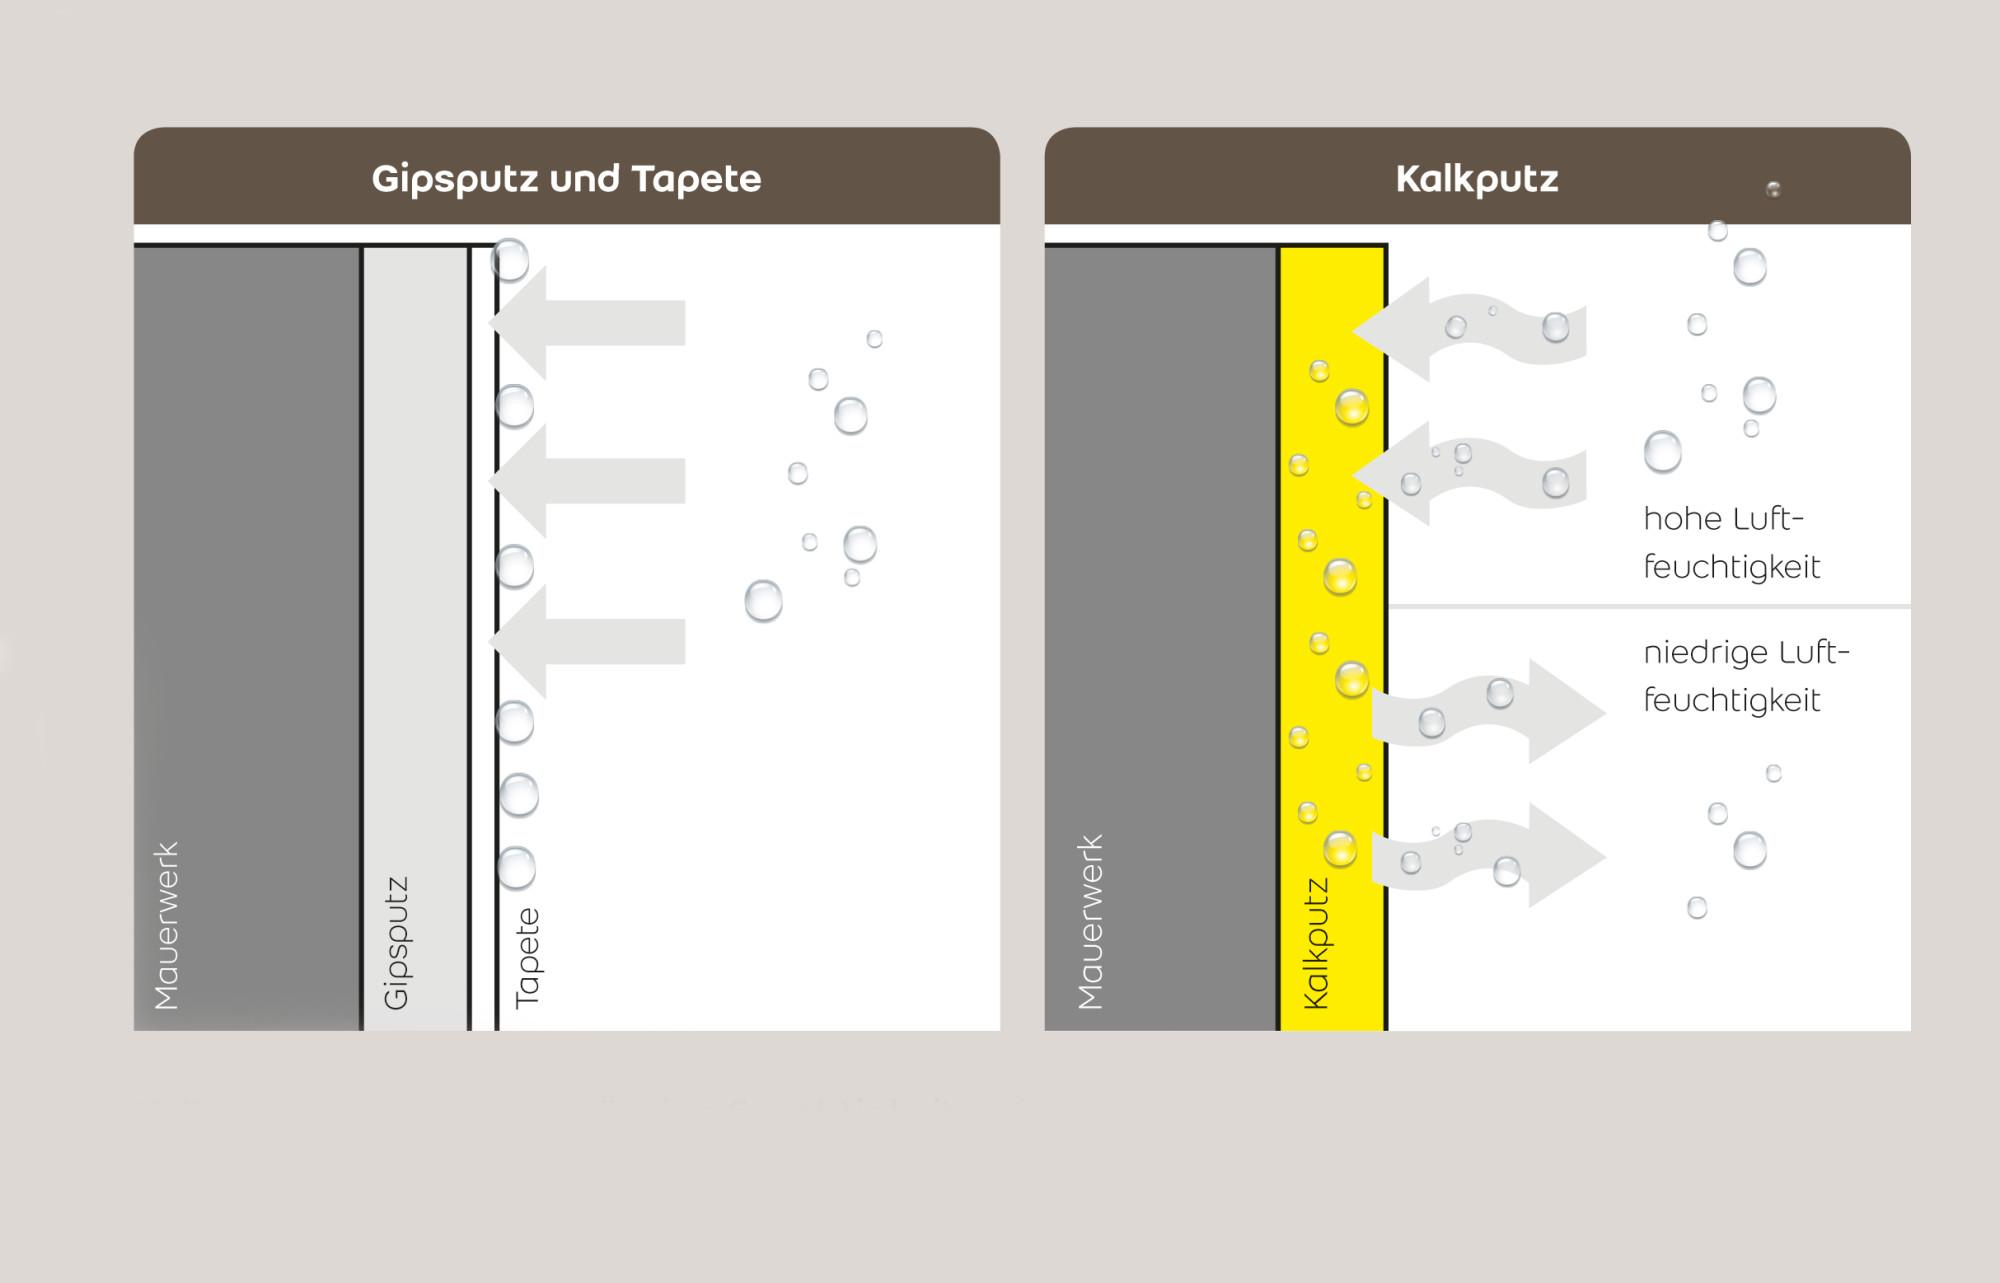 Kalkputz Fur Innenraume Gesund Bauen News Produkte Baunetz Wissen